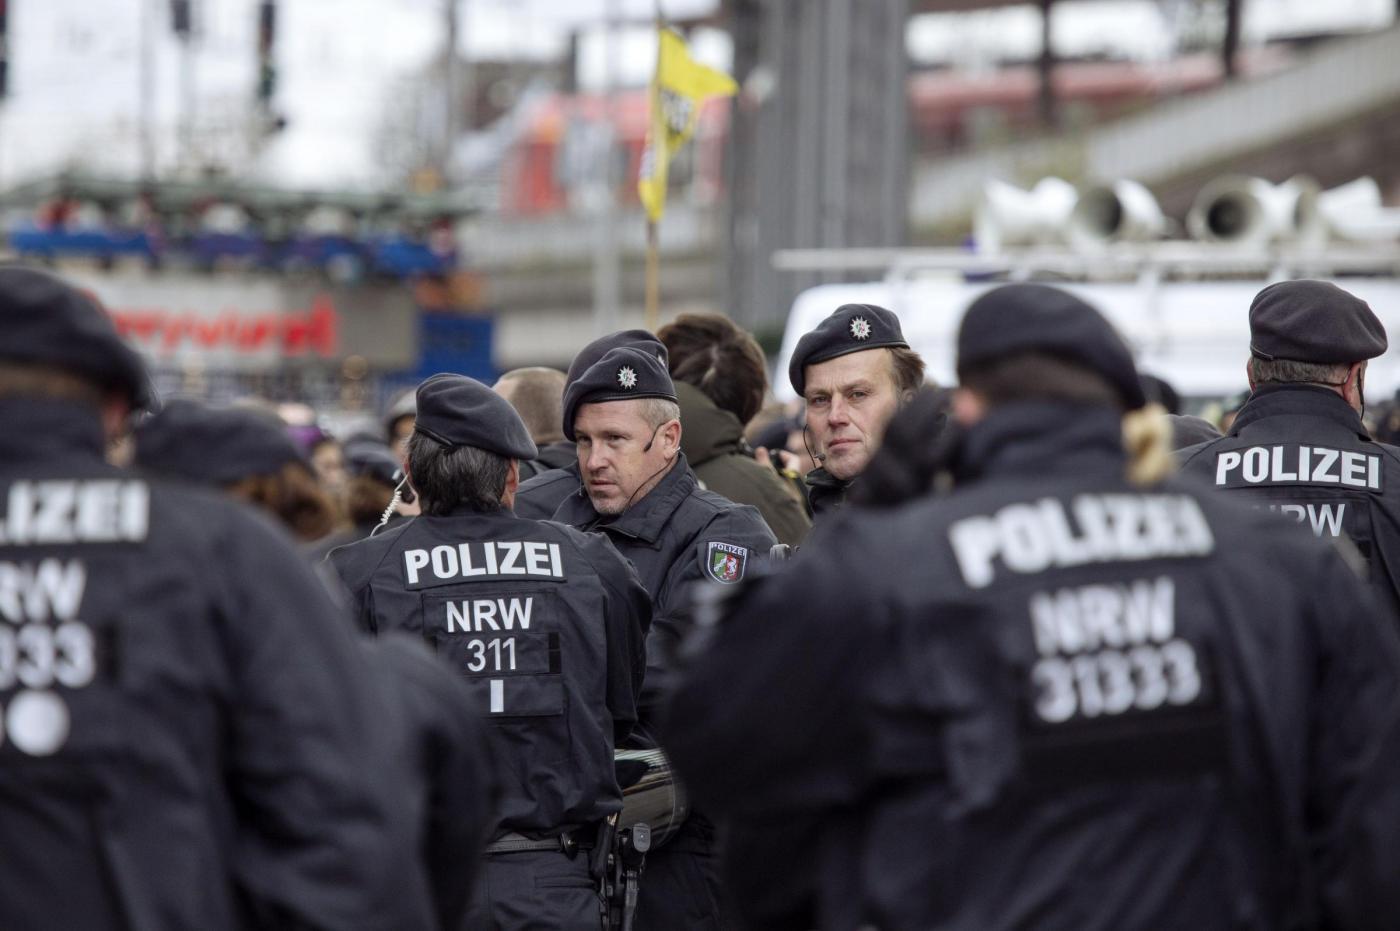 Manifestazione 'Pro NRW' di simpatizzanti per la libert e contro l'Islam a Colonia